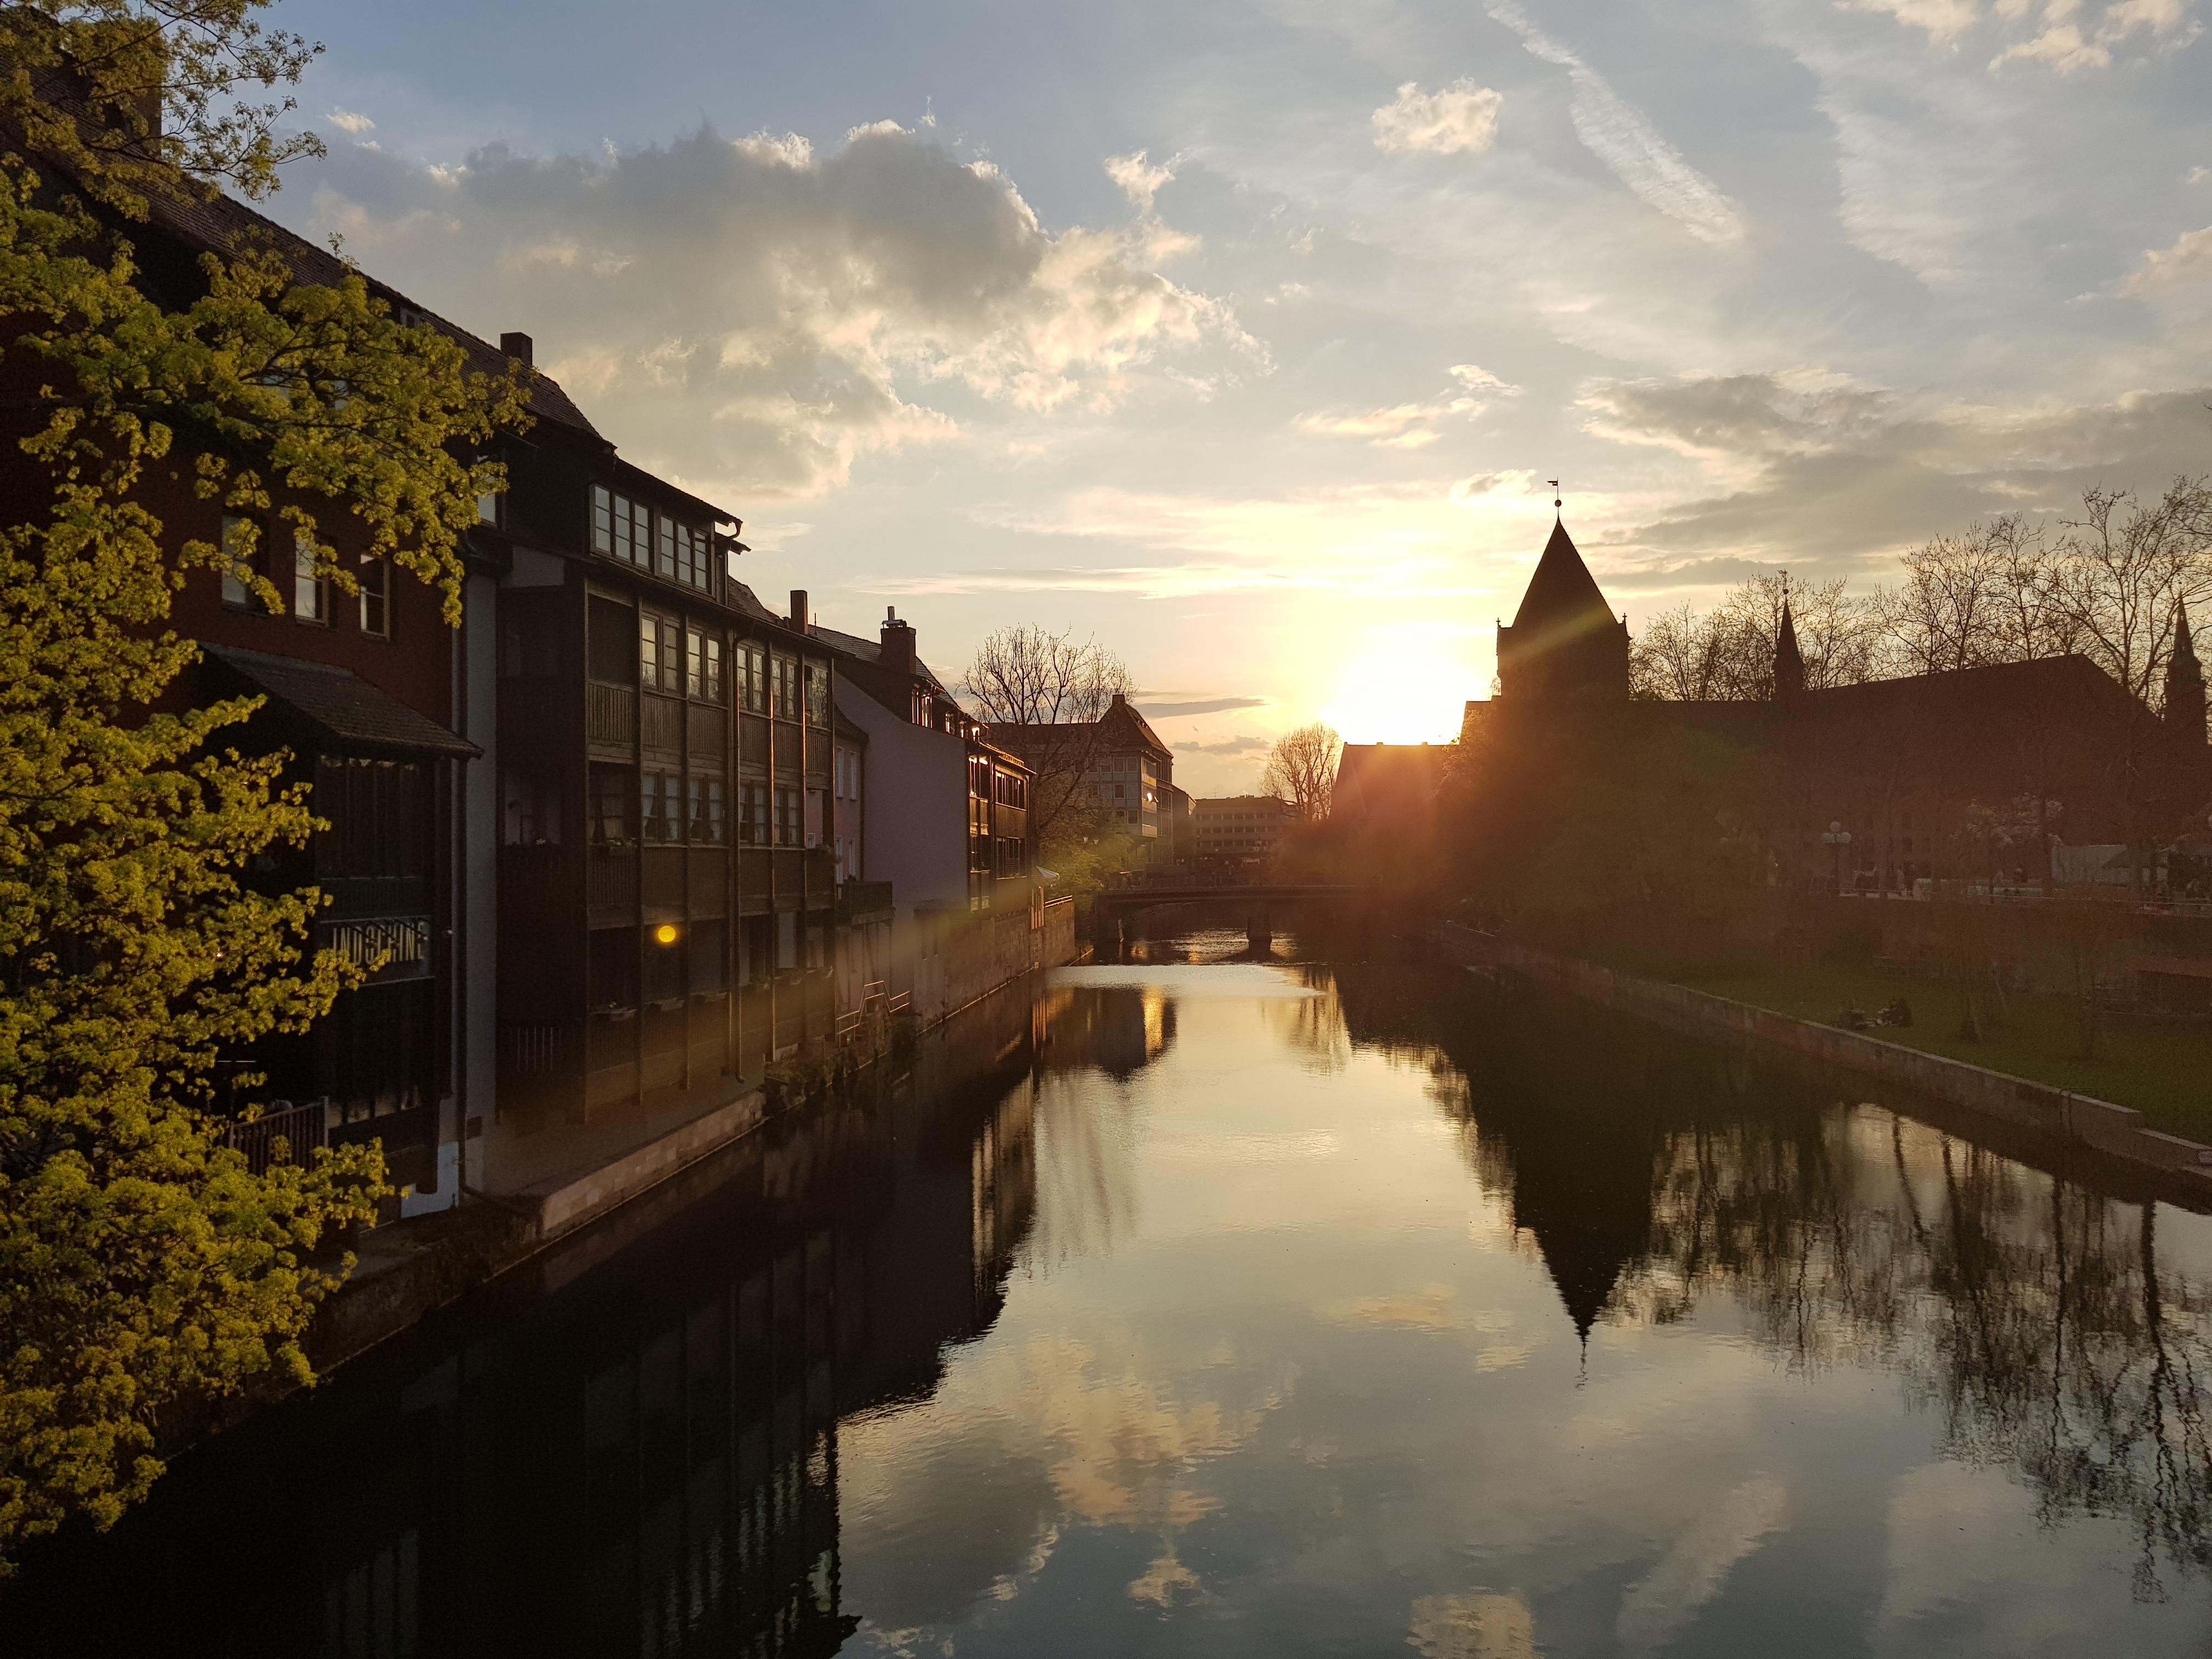 LEBENSQUALITÄT wird hier in Nürnberg groß geschrieben und gelebt: Neu gestalteter Pegnitzgrund zum Entspannen mitten in der Stadt, Insel Schütt